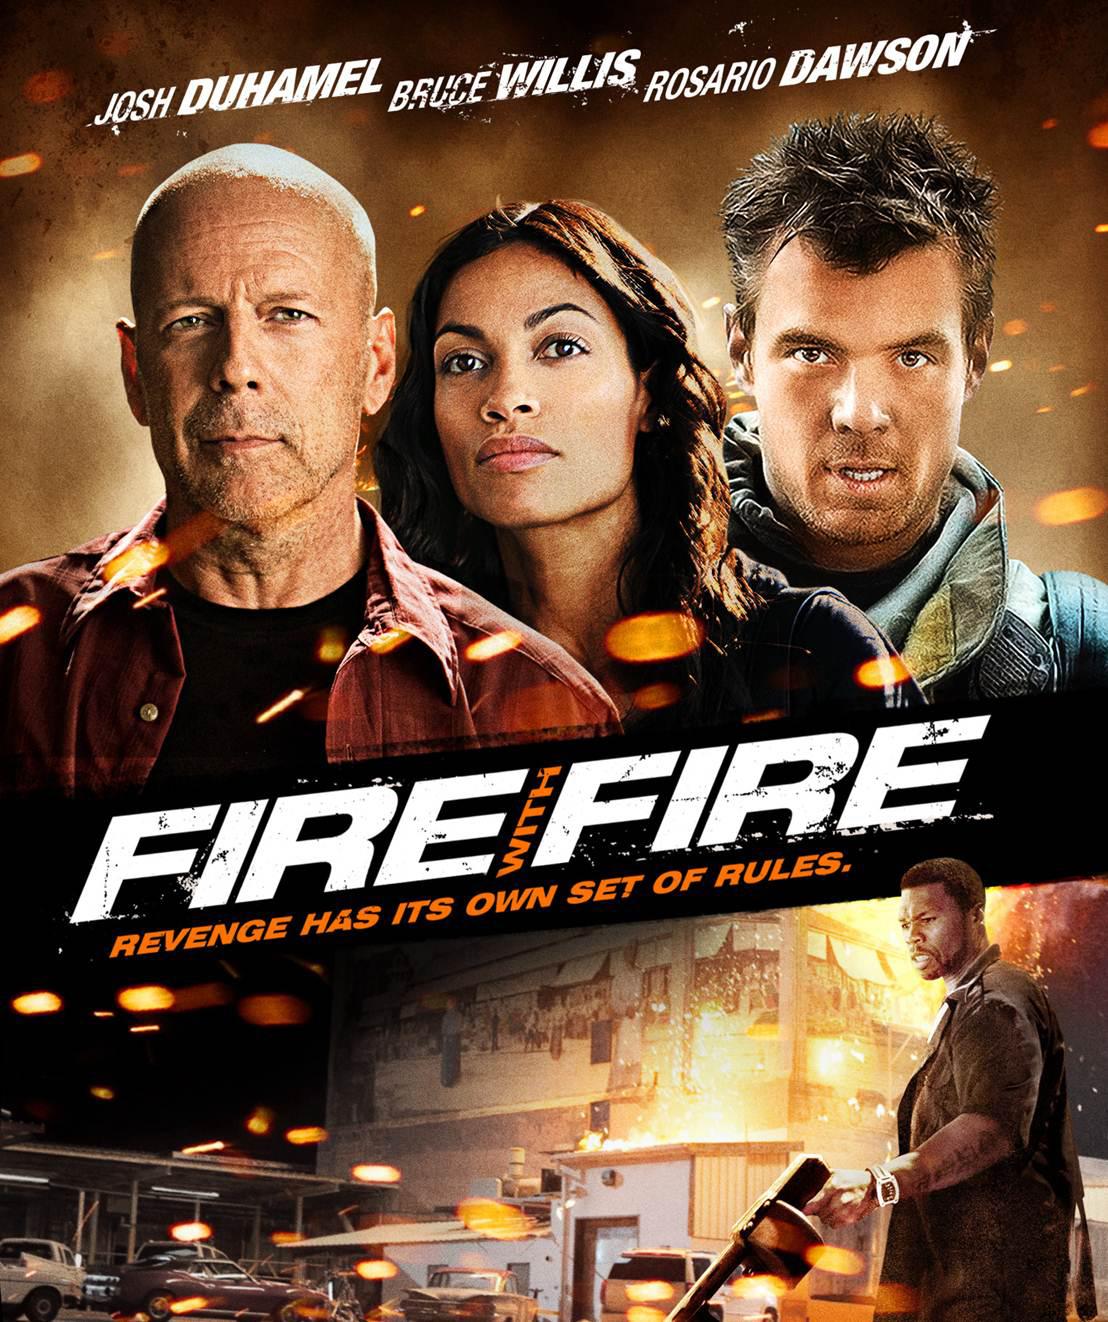 http://1.bp.blogspot.com/-WEW7OBypdzU/UKrS_Avy7mI/AAAAAAAAQe0/Ql37Kmg06OI/s1600/Fire+With+Fire+Poster.jpg